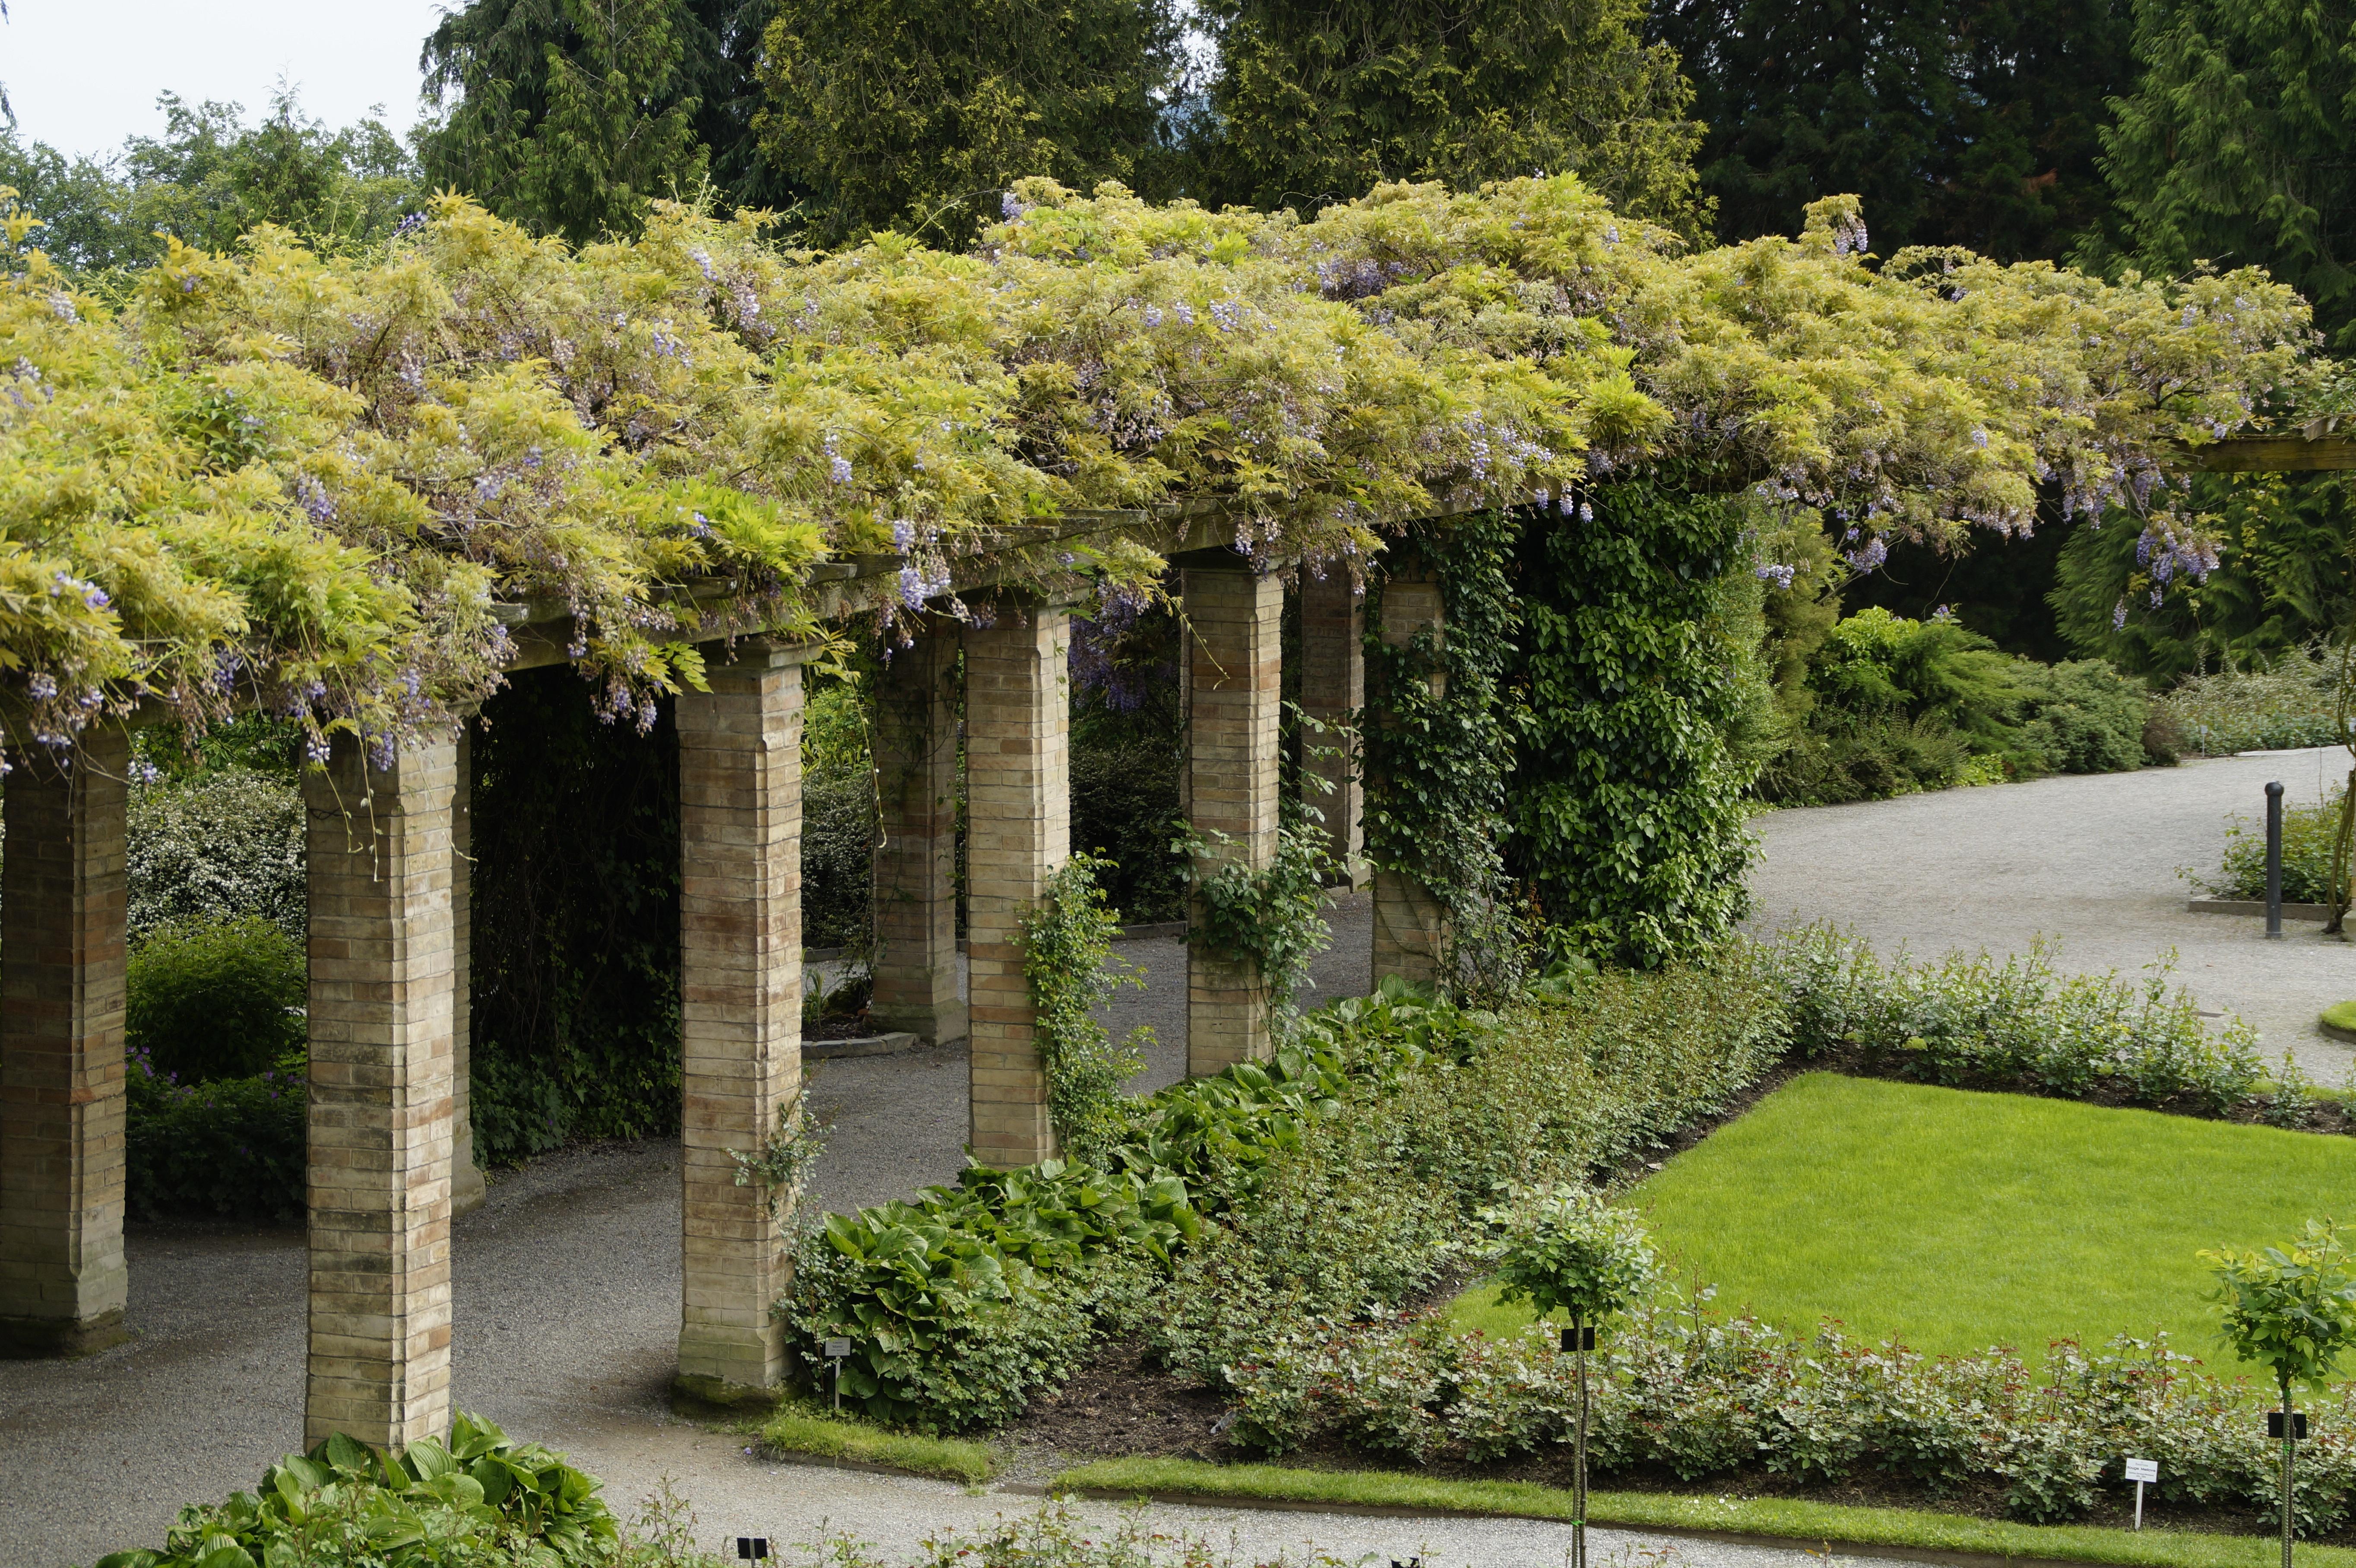 Superbe Arbre Plante Pelouse Manoir Fleur Arrière Cour Propriété Botanique Jardin  Aménagement Paysager Cour Arbuste Changement